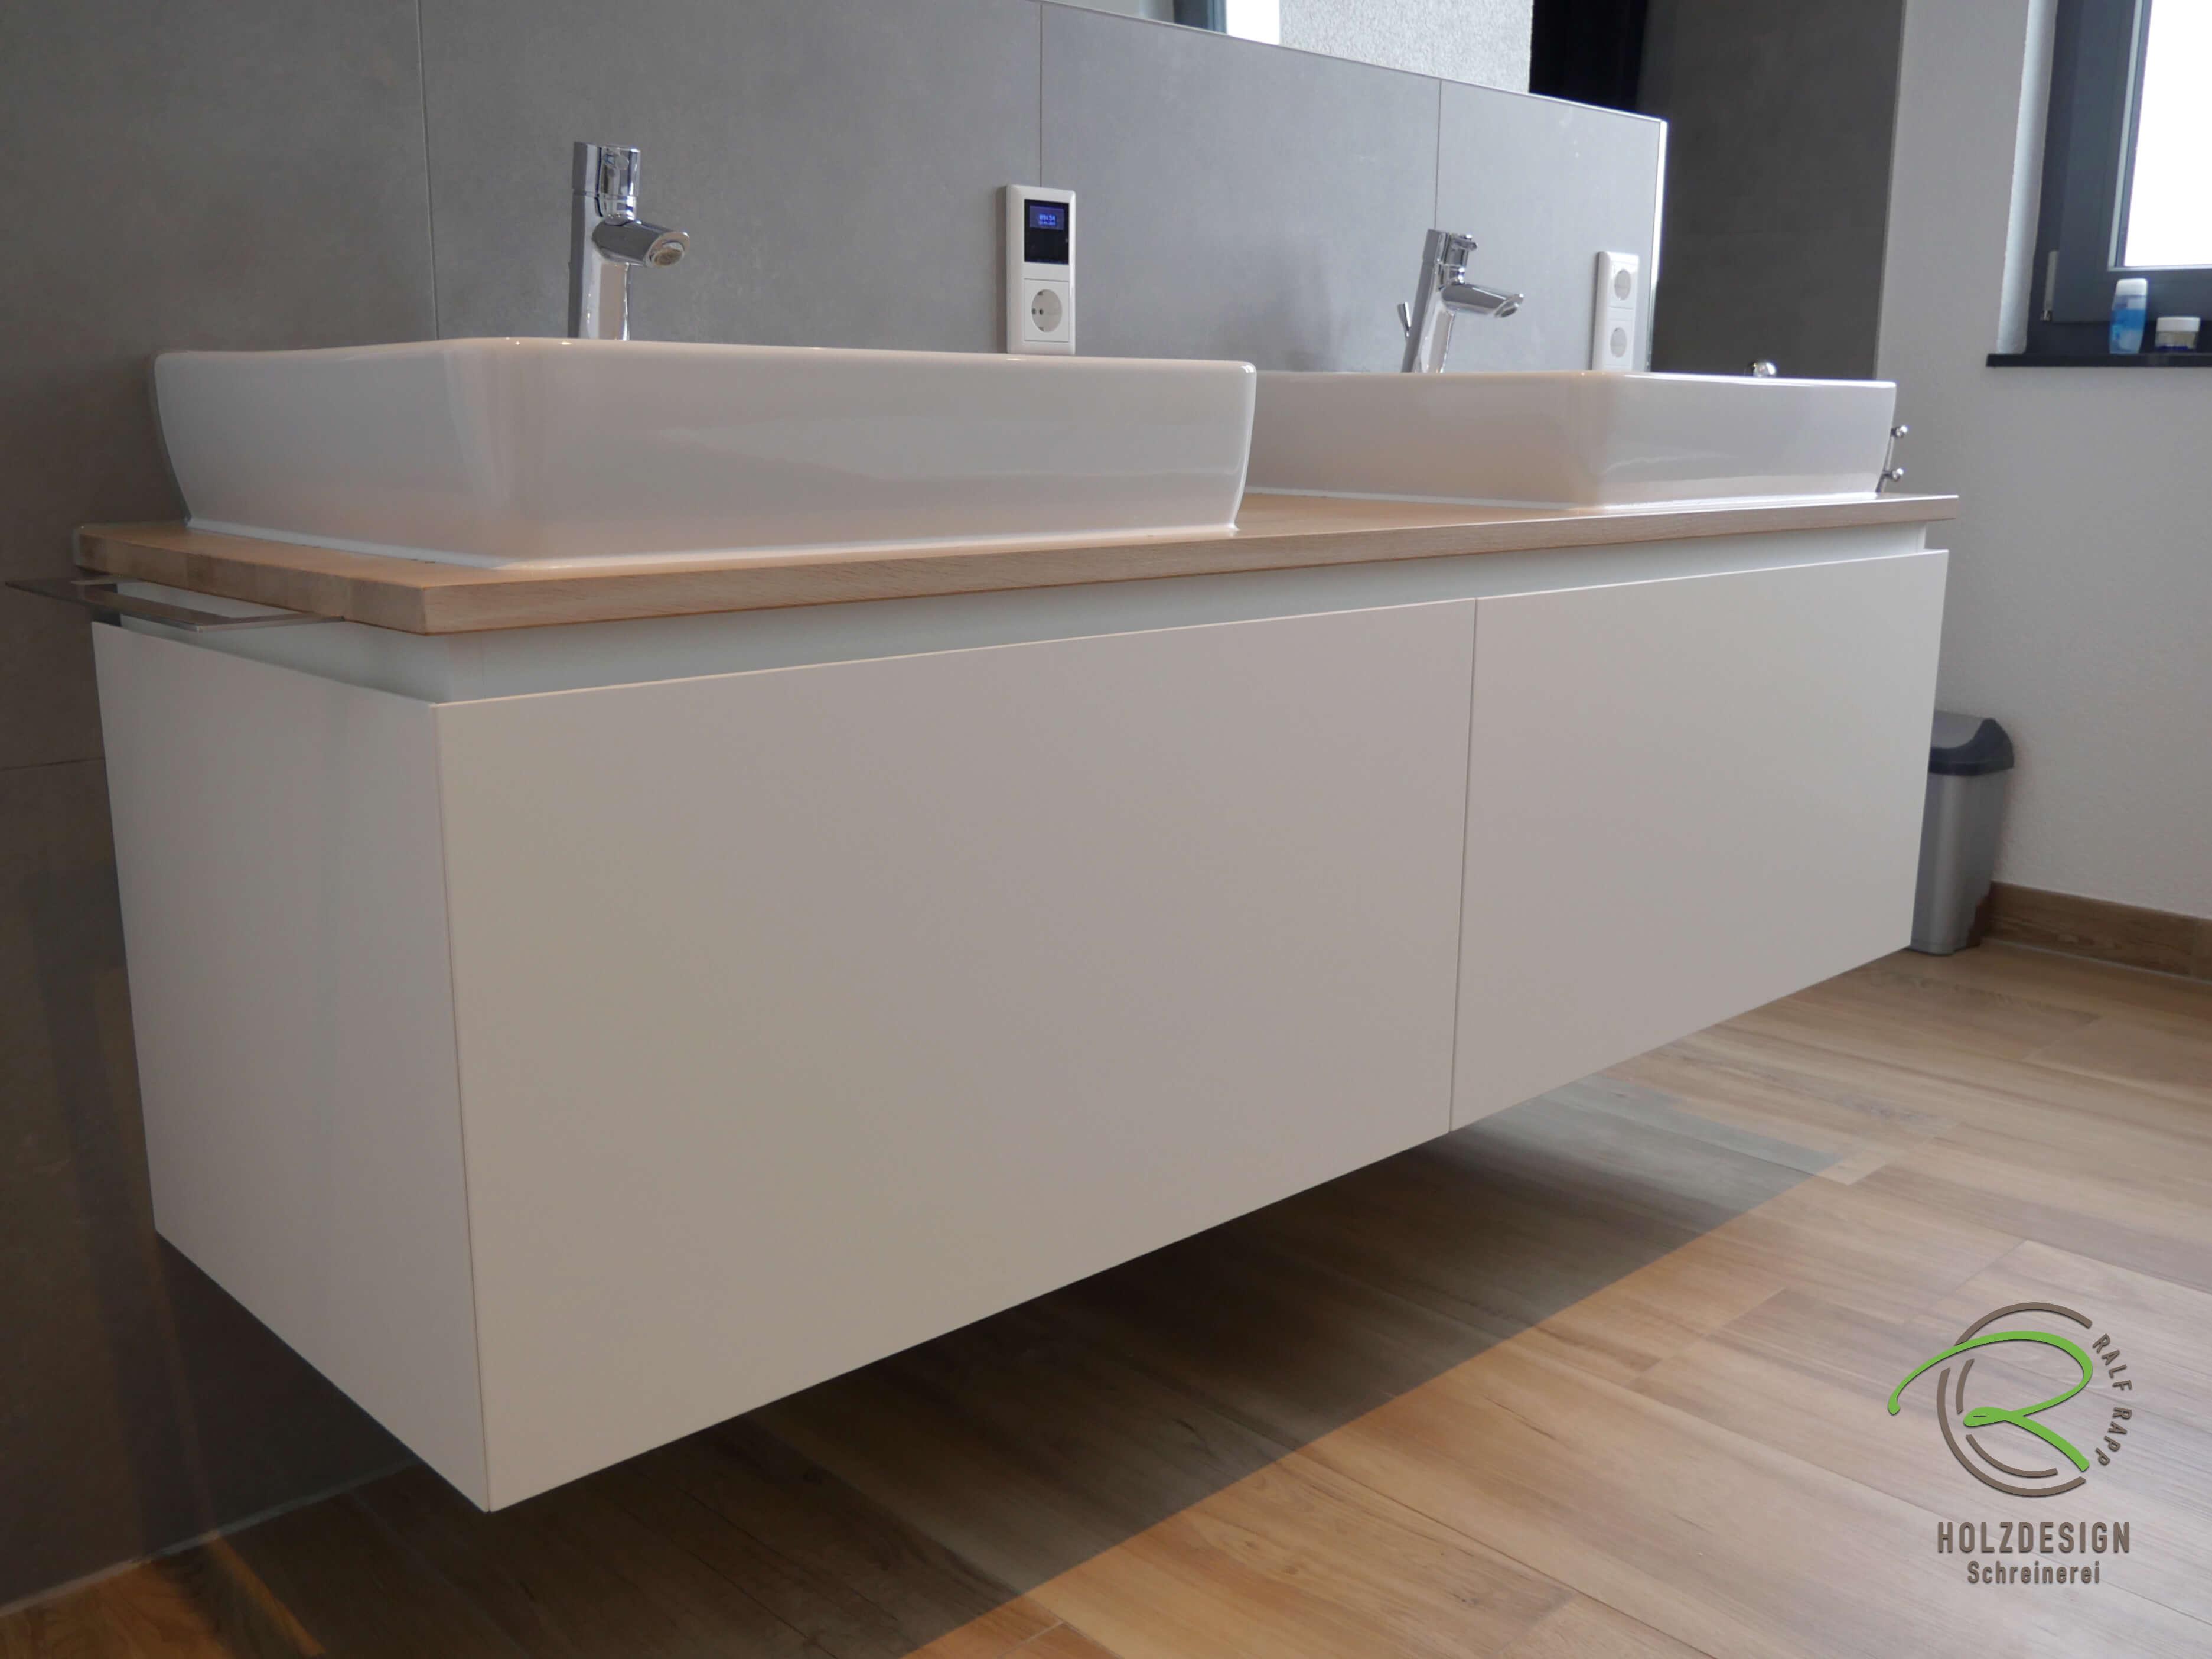 Waschbeckenunterschrank hängend - Holzdesign Rapp Geisingen